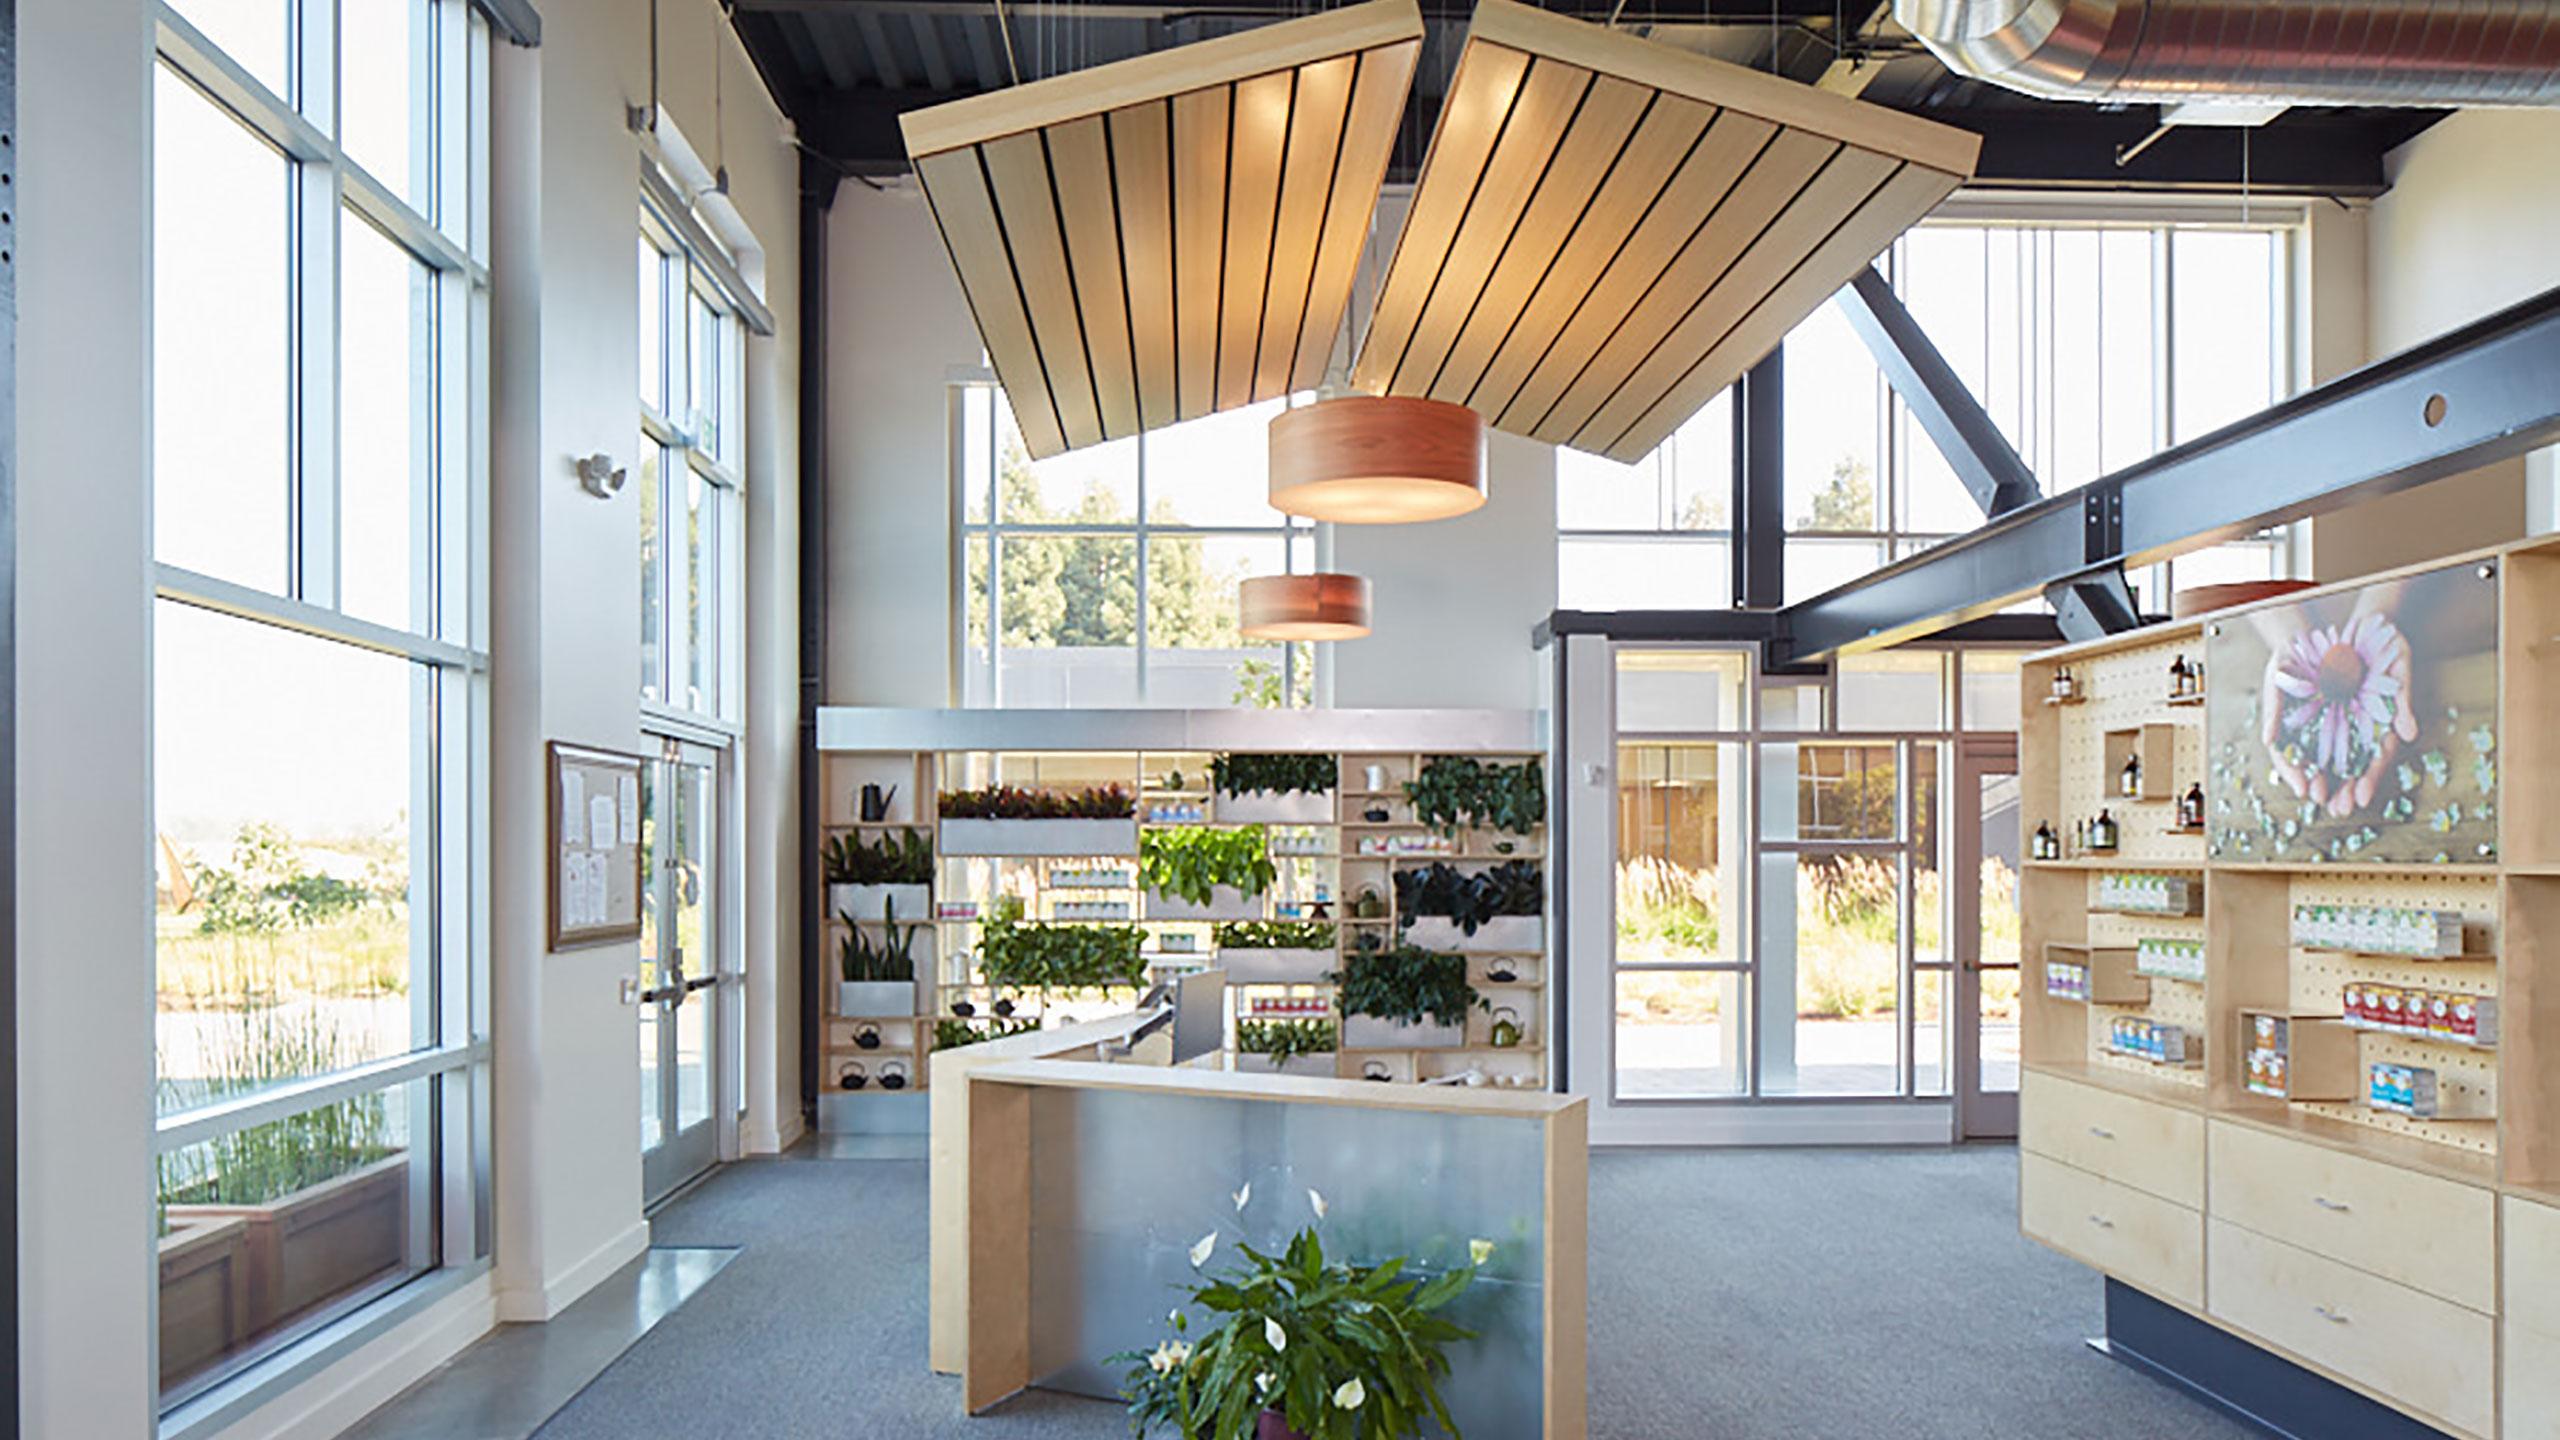 TMI-Tenant-Improvements-Sonoma-County-Reception-Design